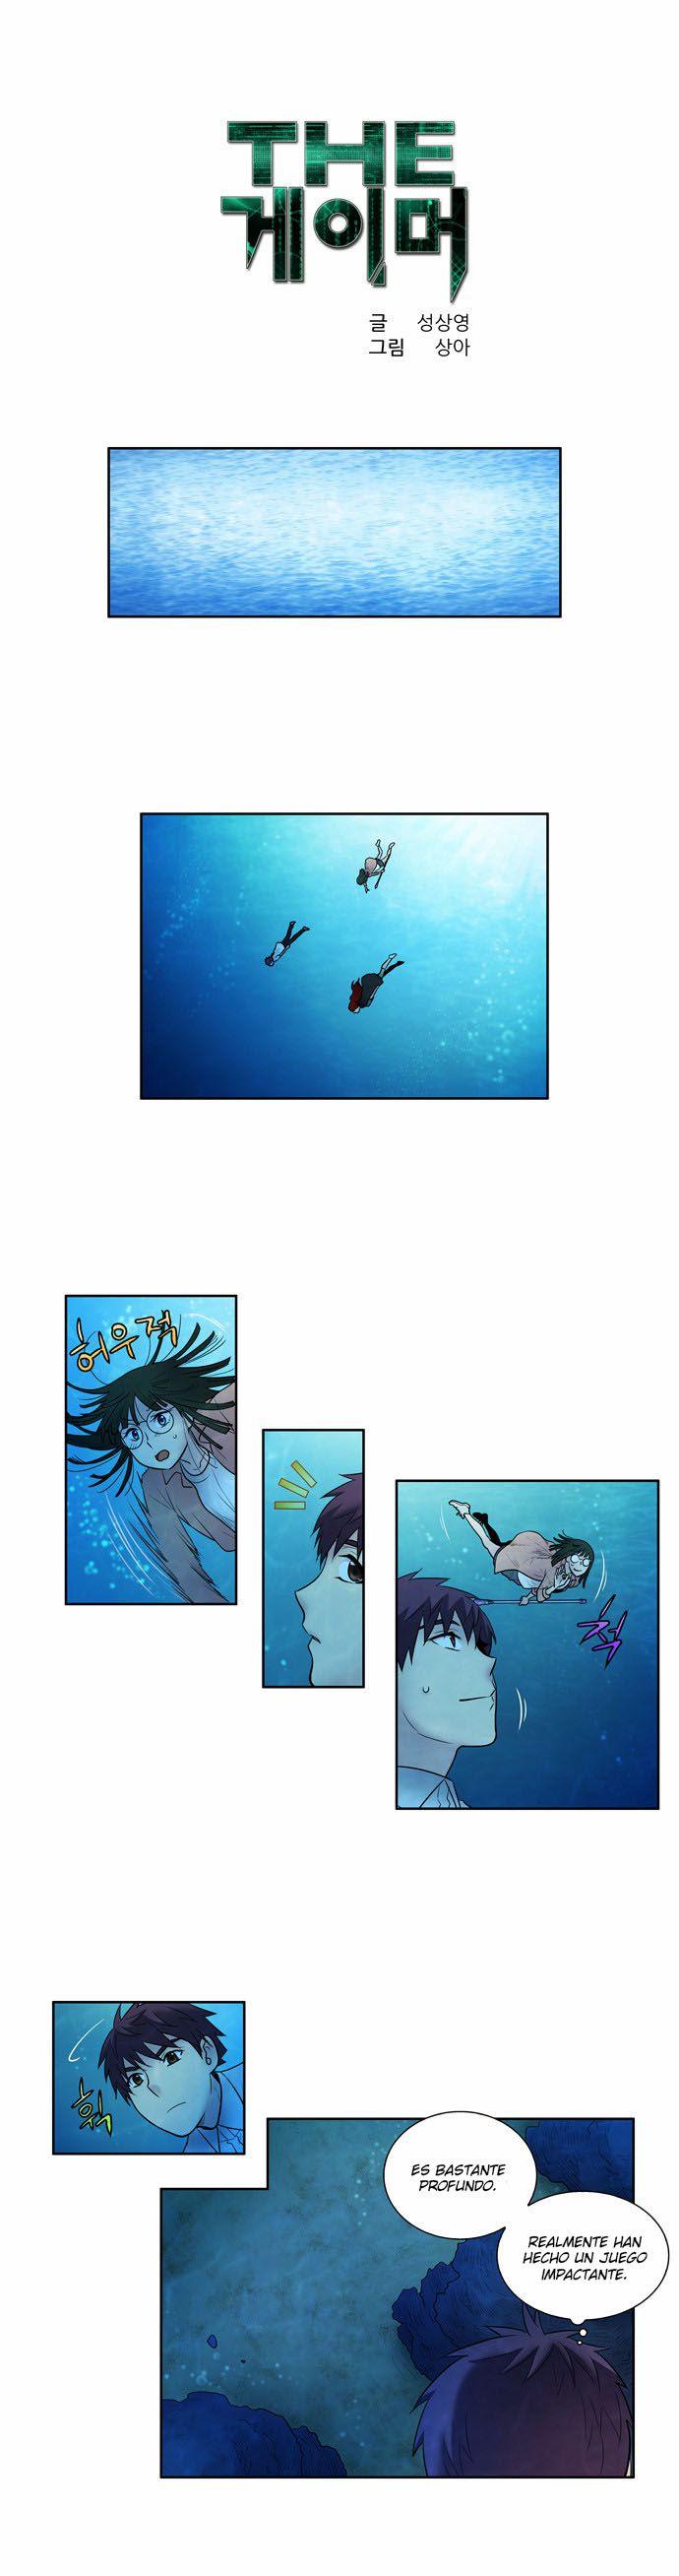 http://c5.ninemanga.com/es_manga/pic2/61/1725/501809/f900c61208841a8347dd4ddbea47b173.jpg Page 2